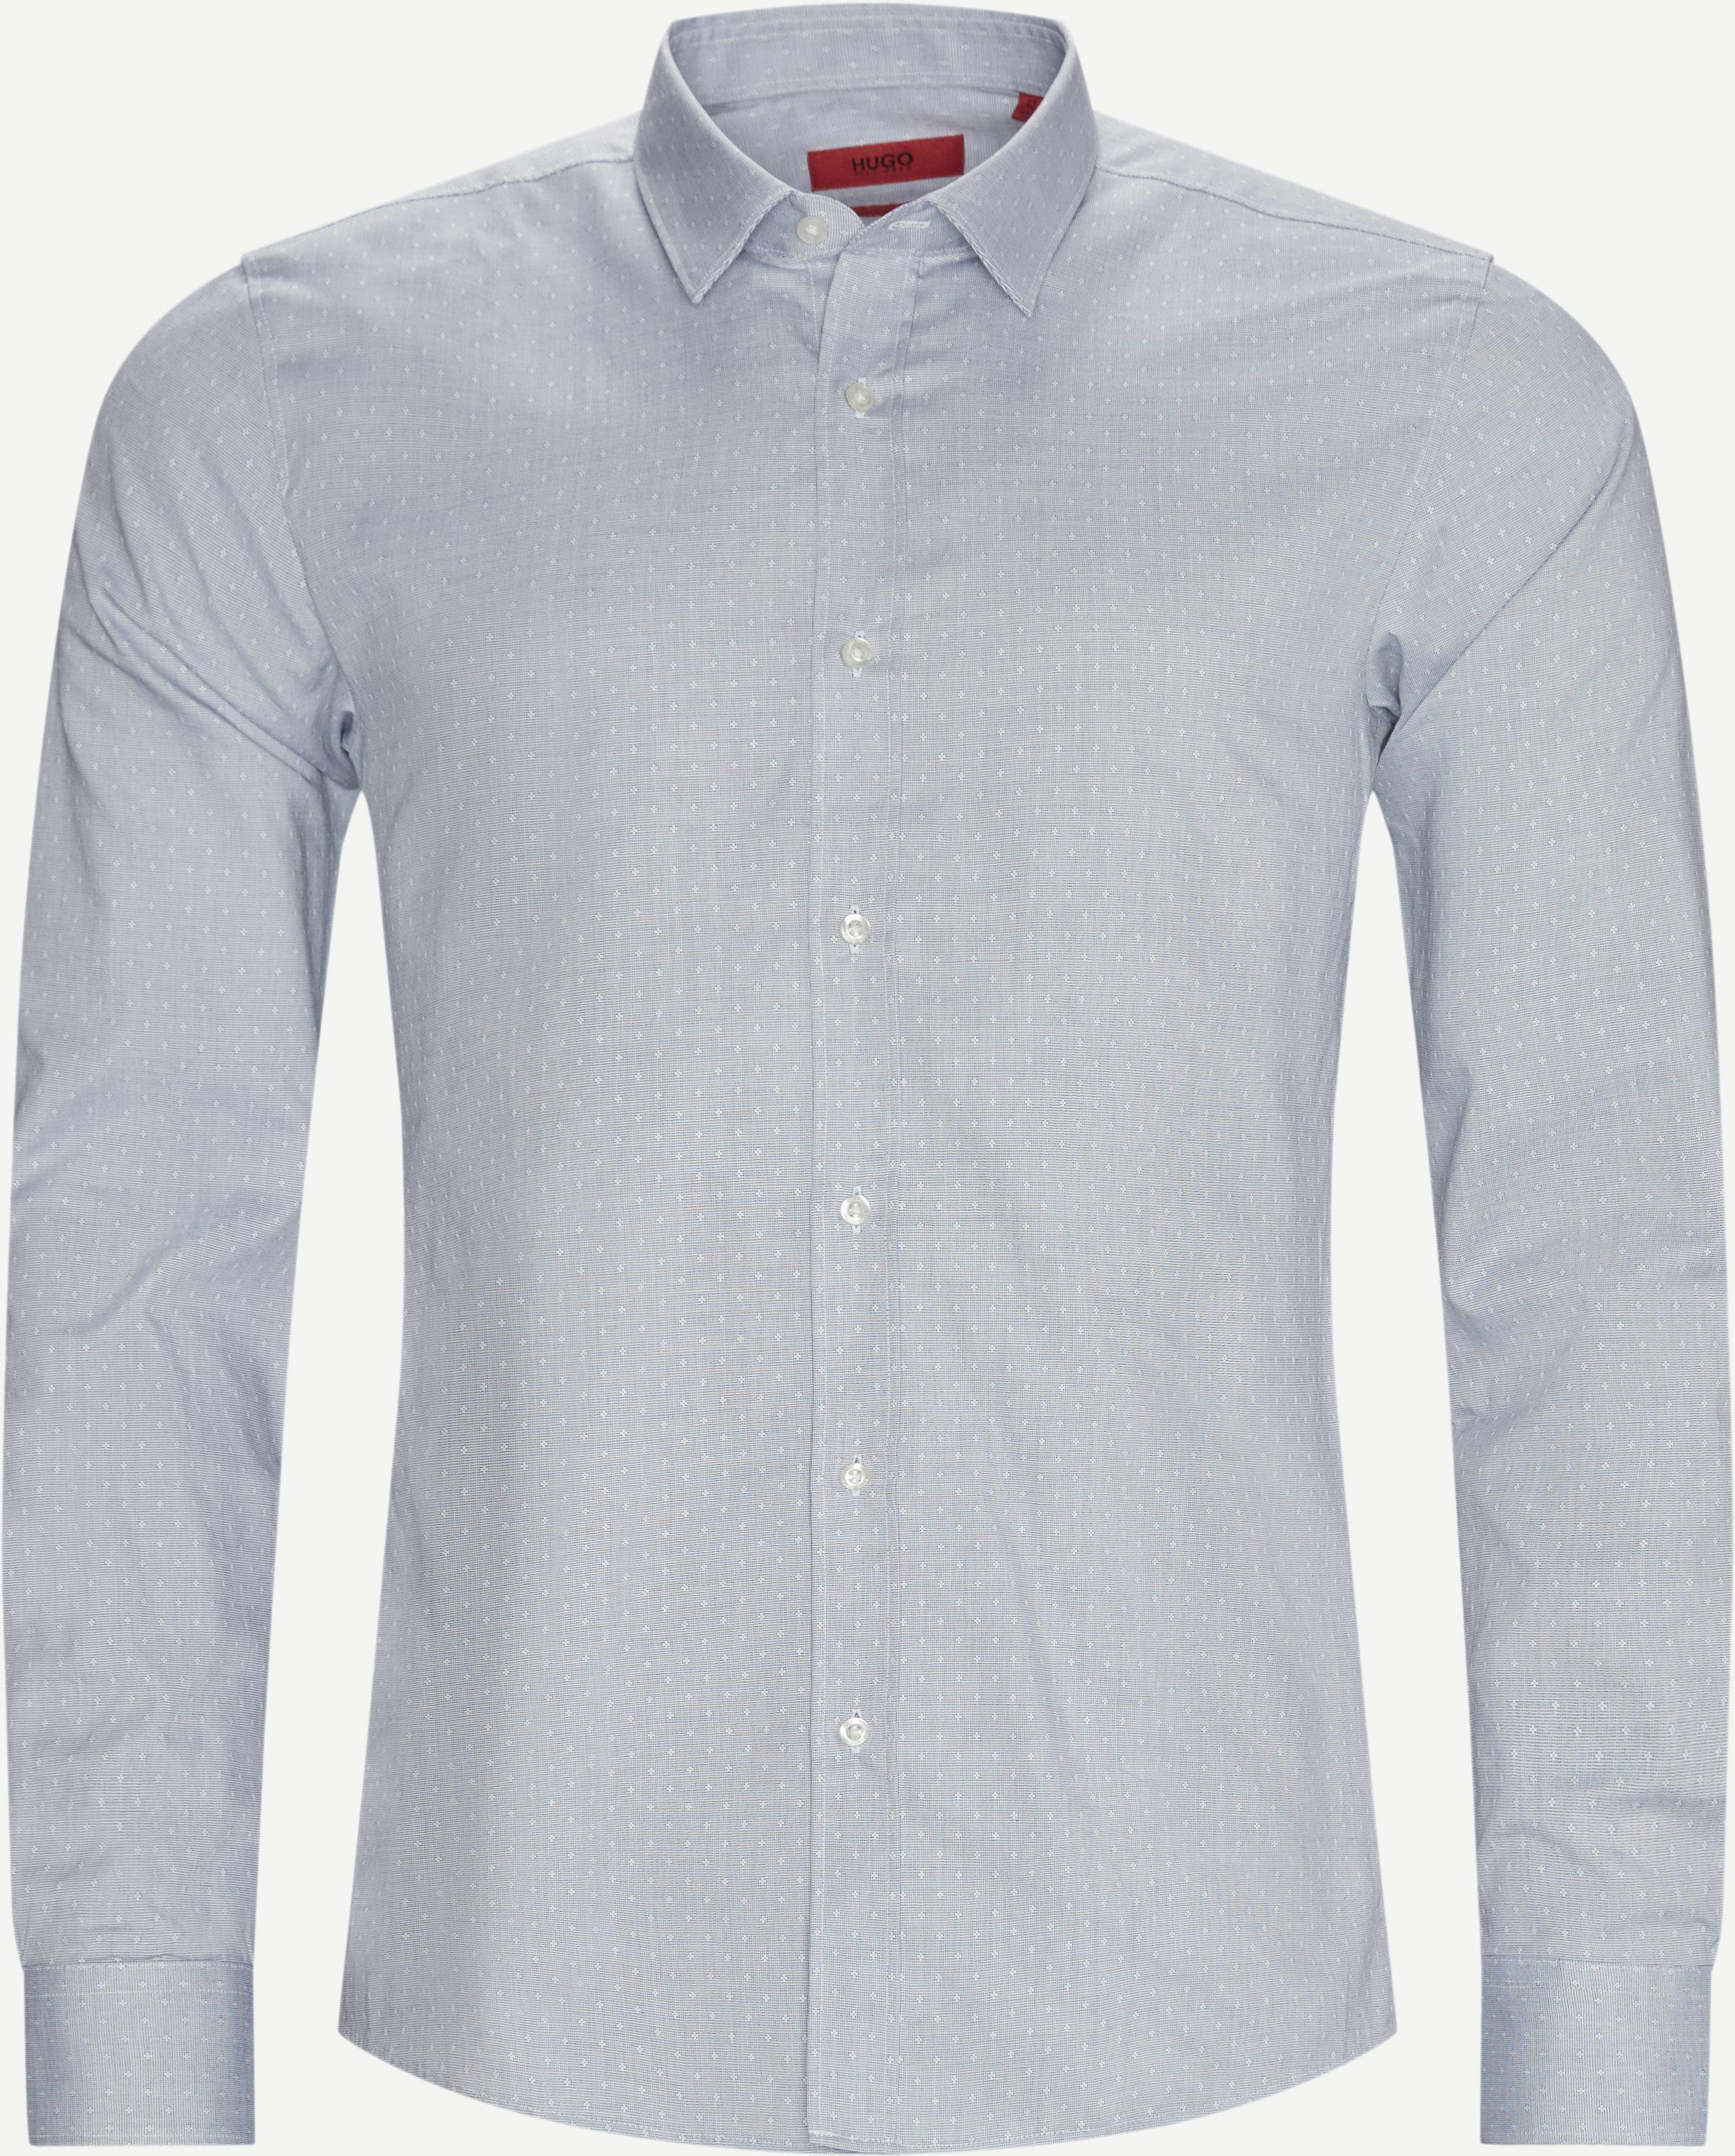 Elisha Shirt - Skjortor - Ekstra slim fit - Blå